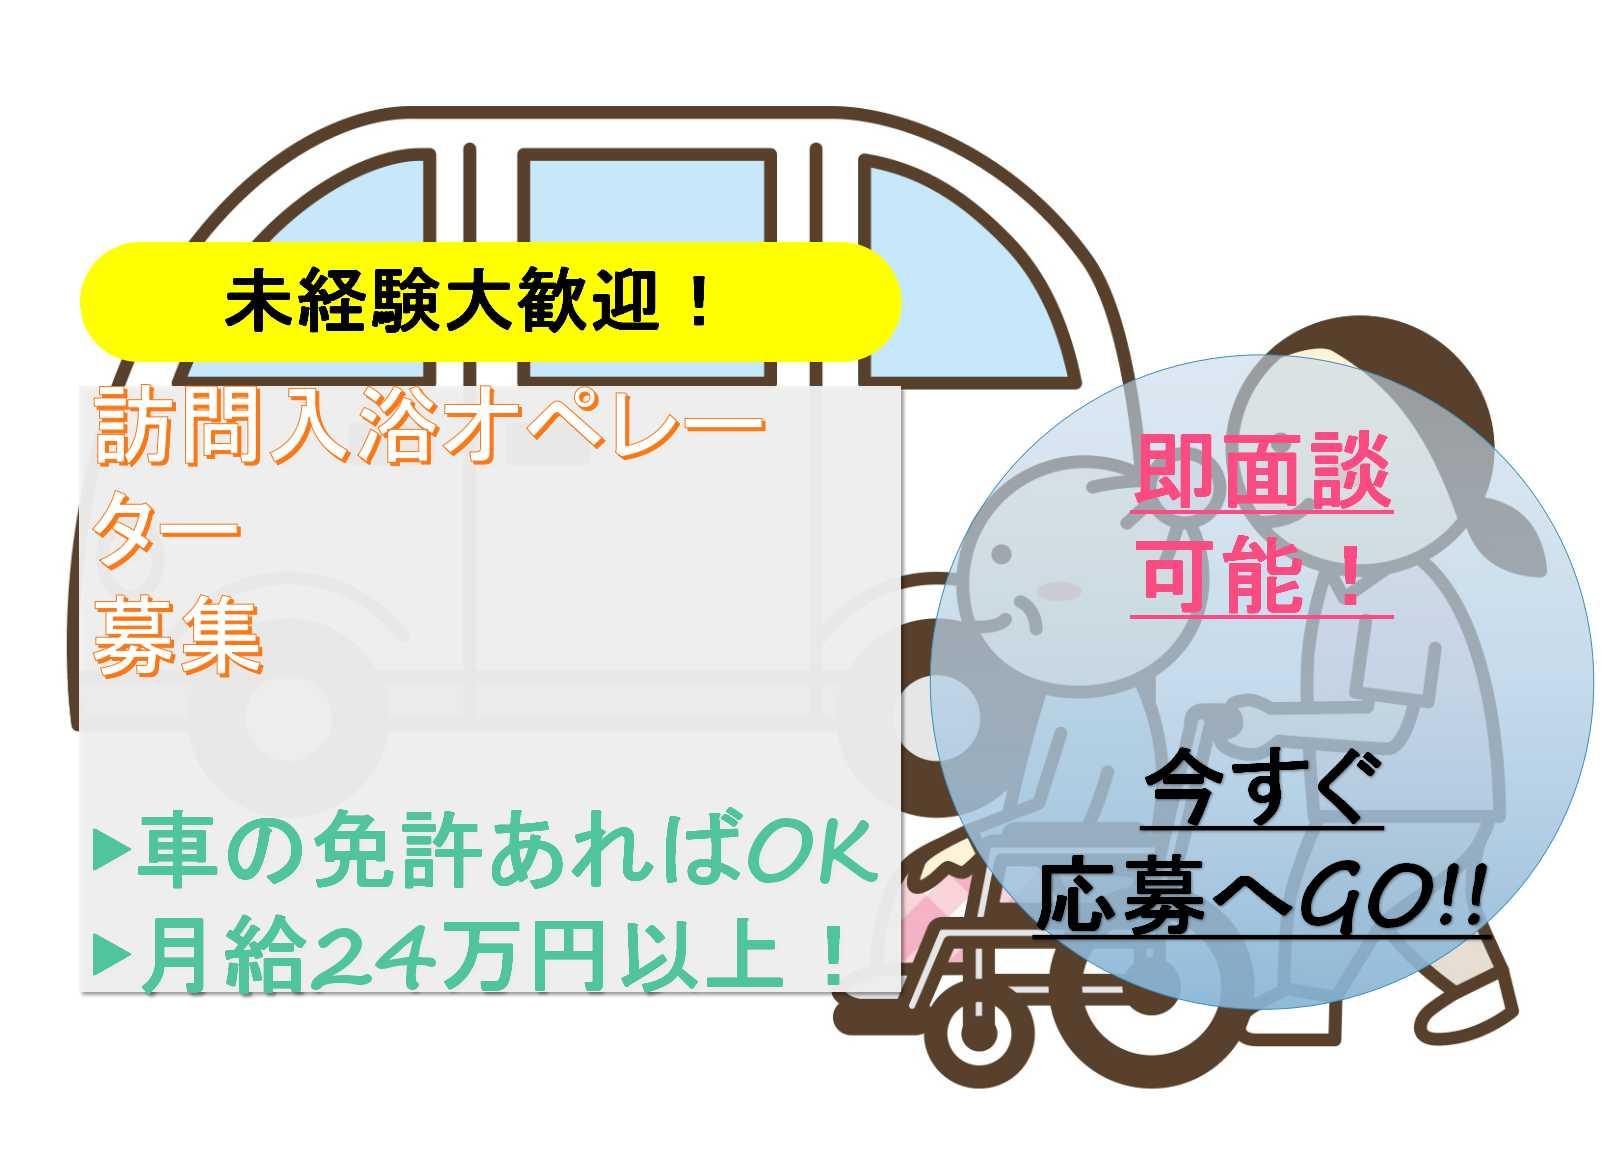 【正社員】月給24万円以上!資格がなくてもOKの訪問入浴オペレーター【即面談可能】 イメージ